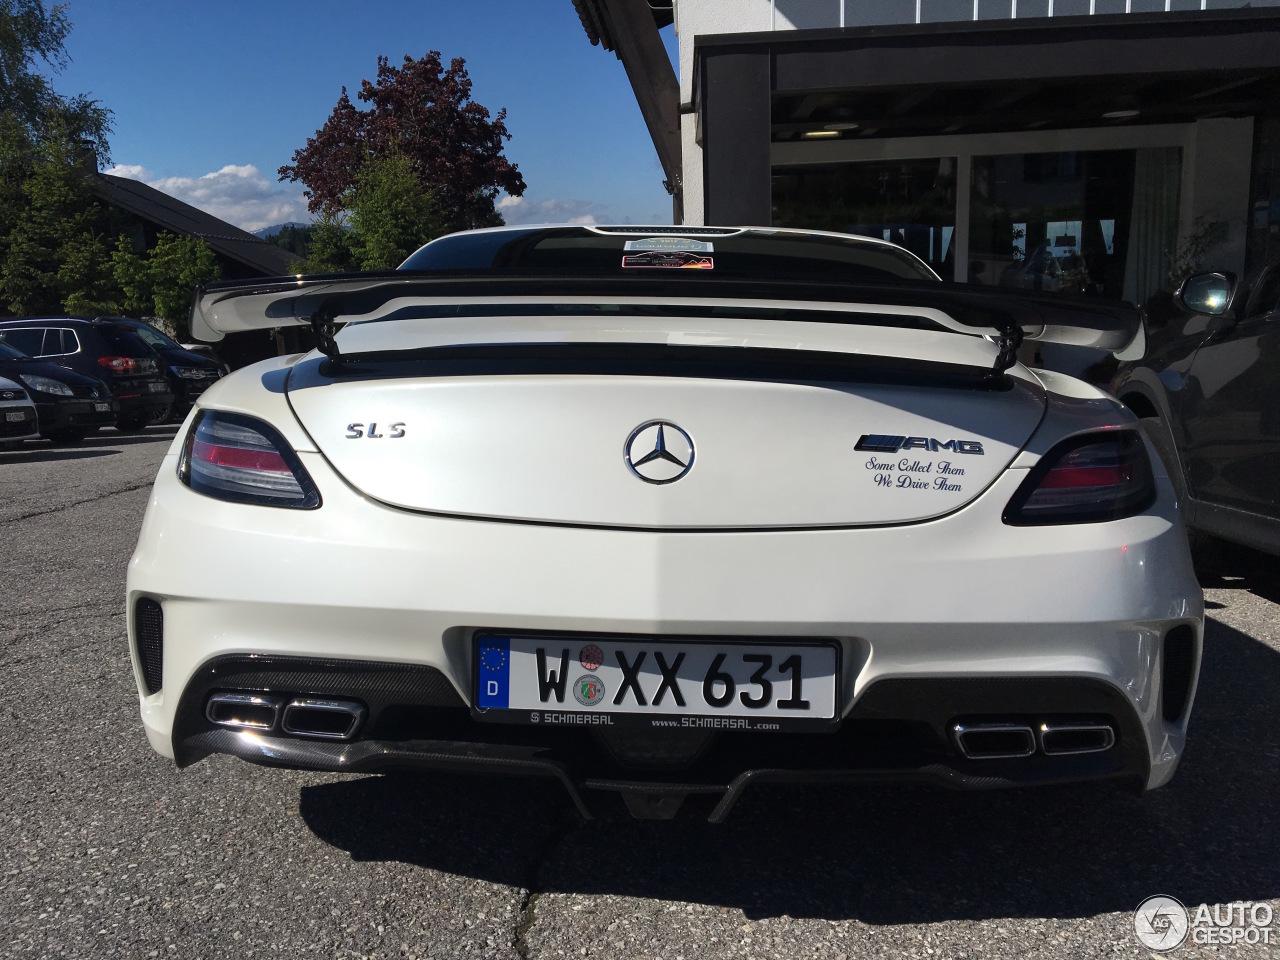 Mercedes Benz Sls Amg Black Series 23 May 2017 Autogespot